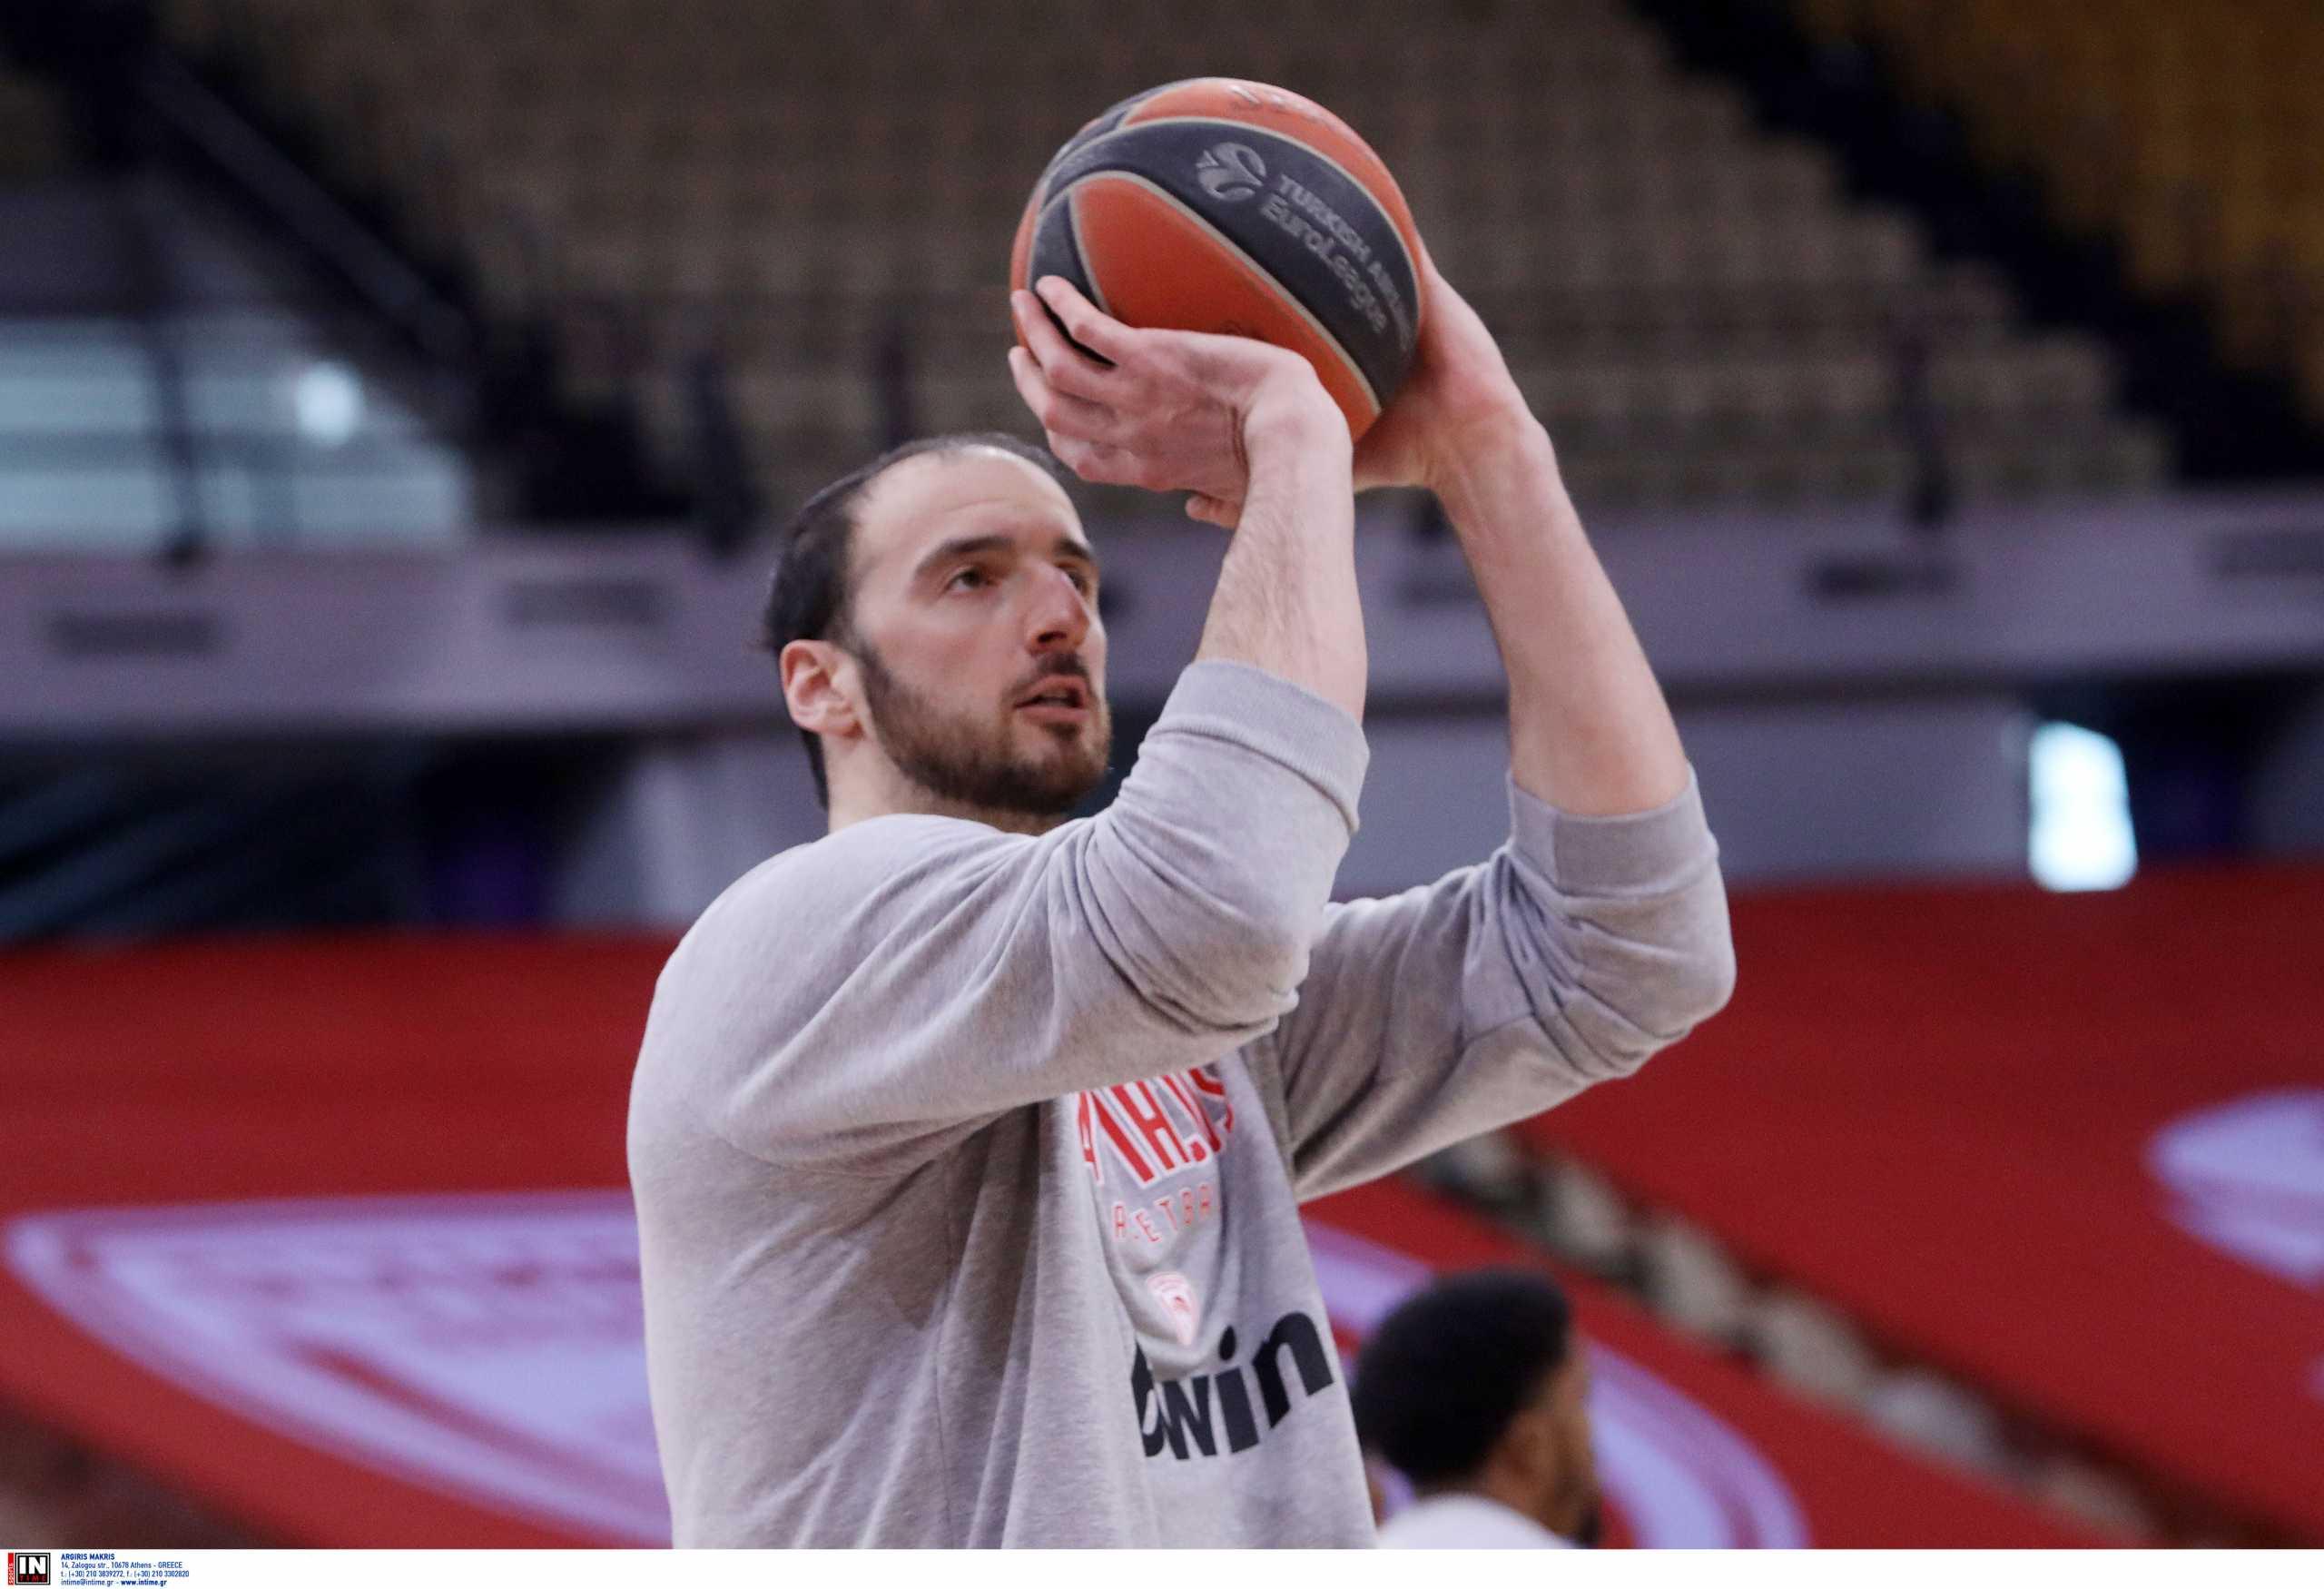 Ολυμπιακός: «Θα πιέσω τον εαυτό μου για να παίξω καλύτερα» δήλωσε ο Κουφός